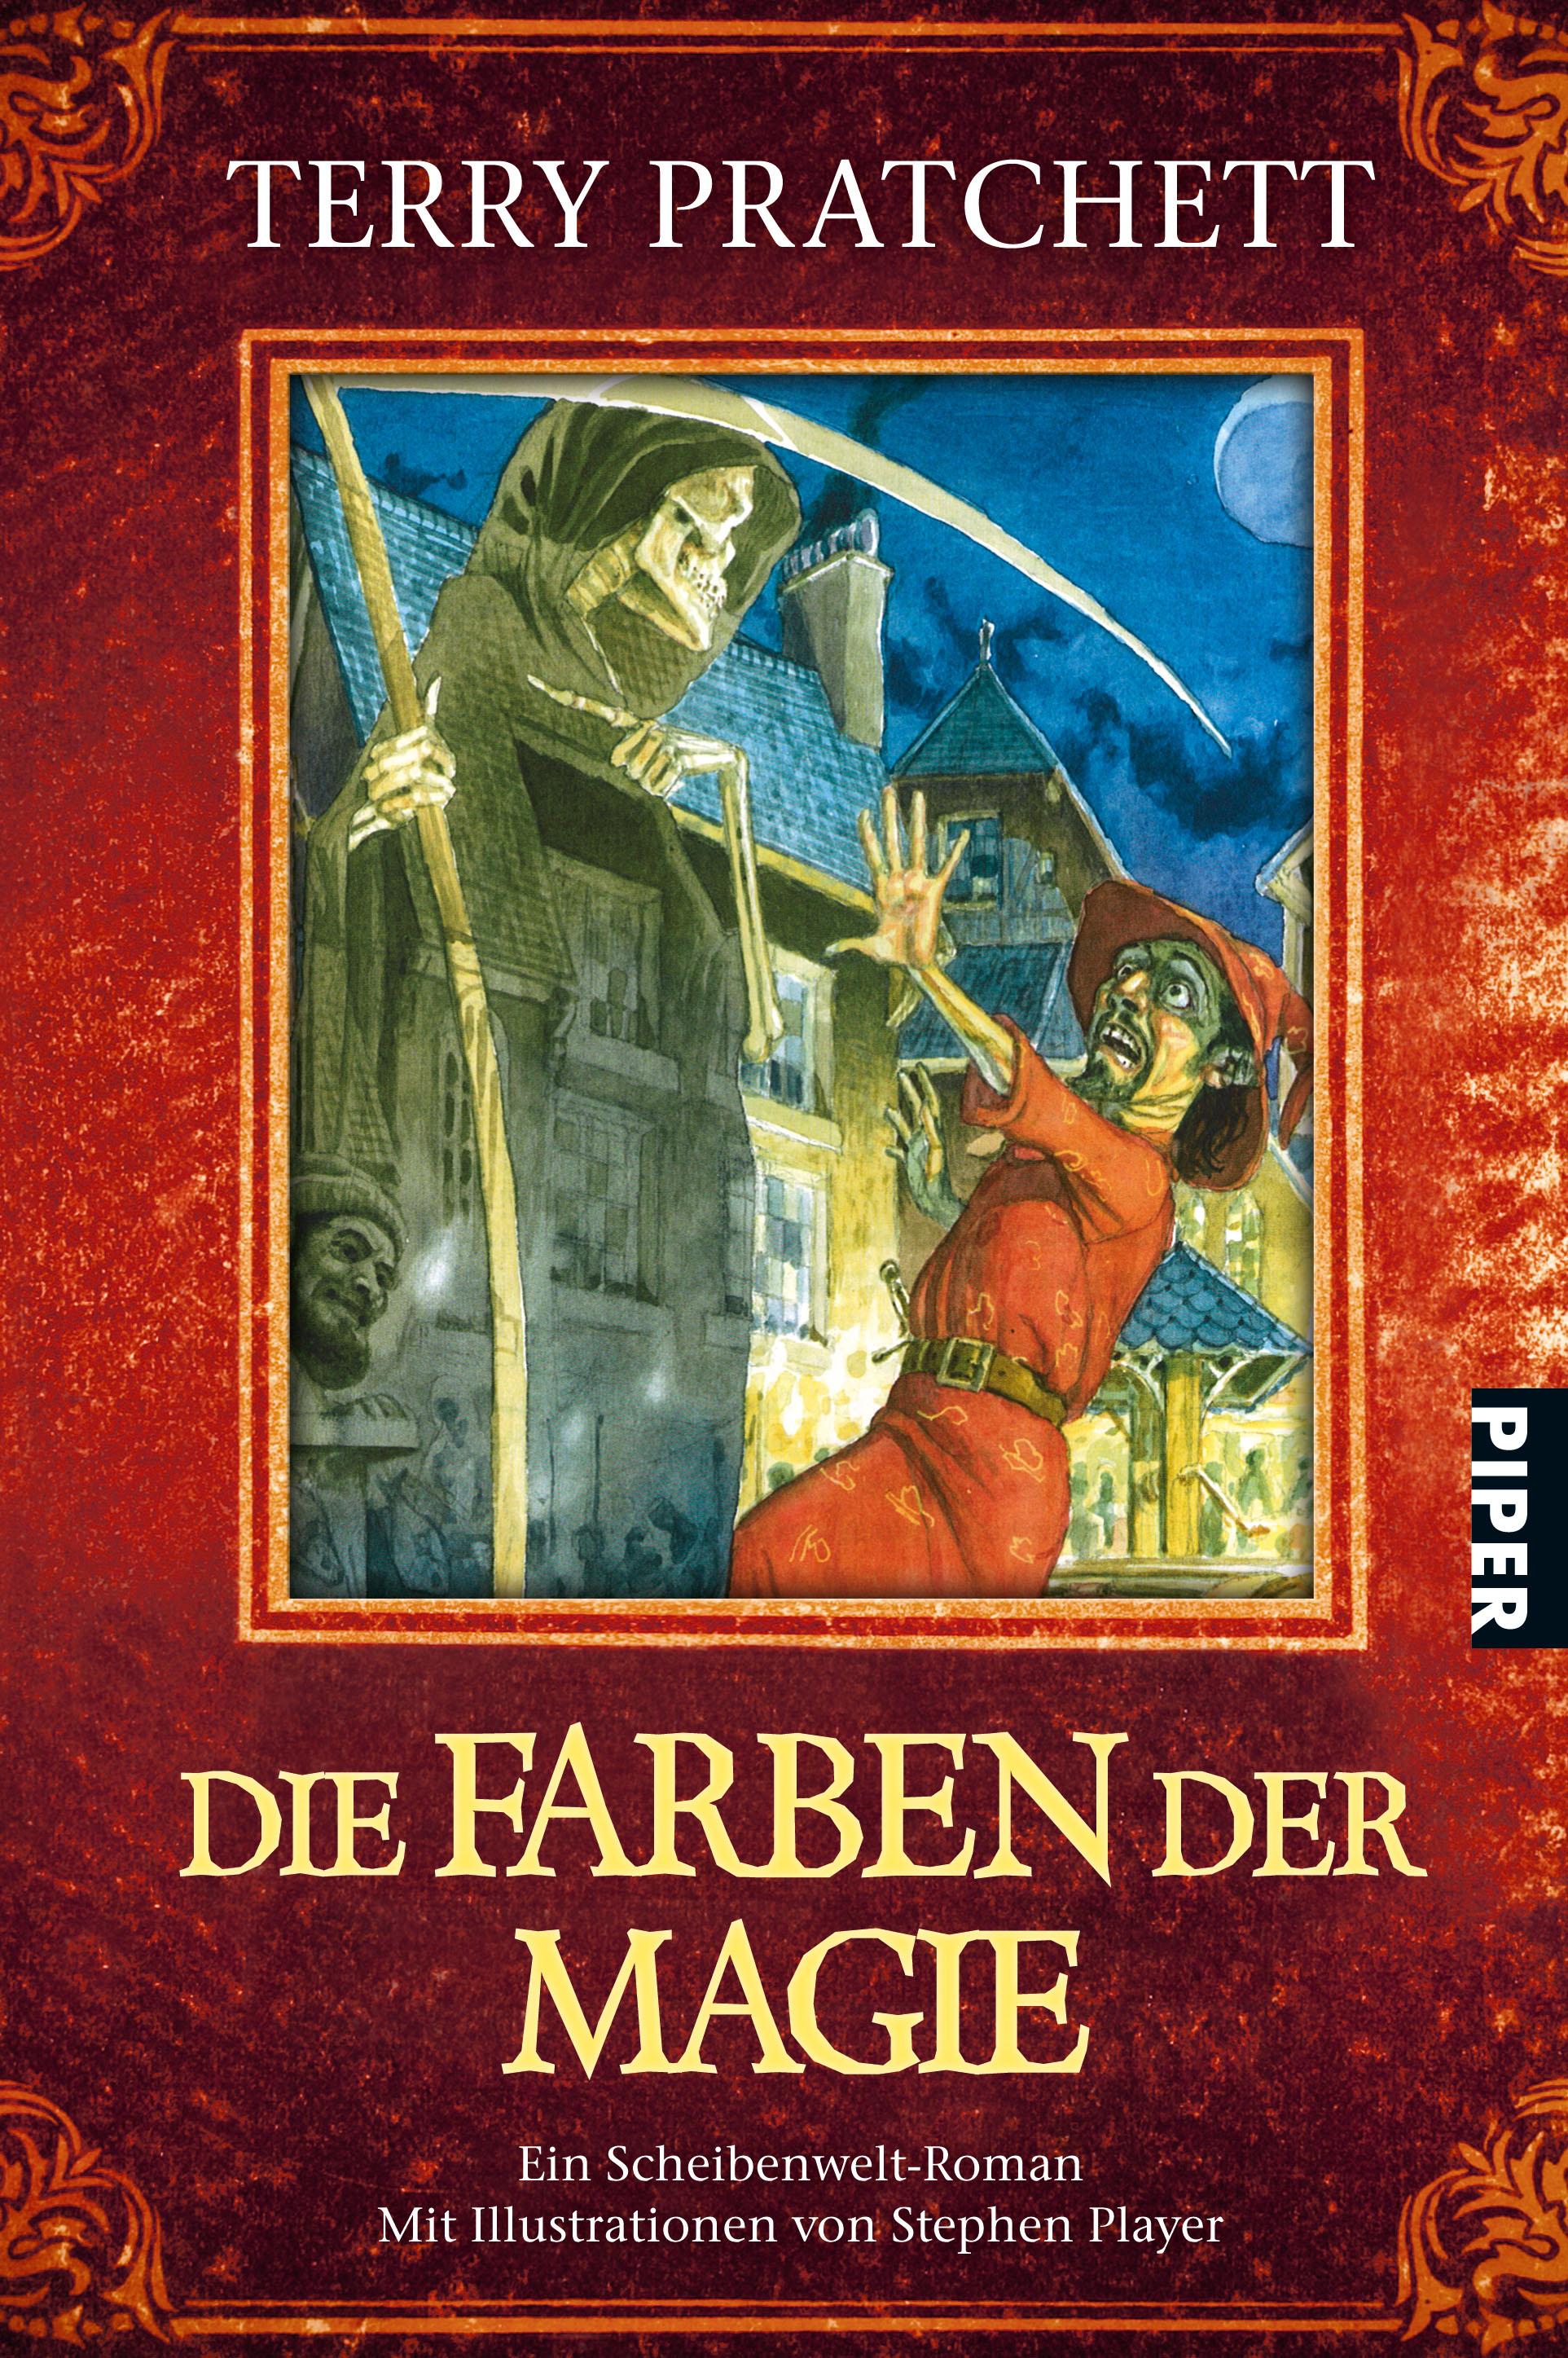 Die Farben der Magie: Ein Scheibenwelt-Roman - Terry Pratchett